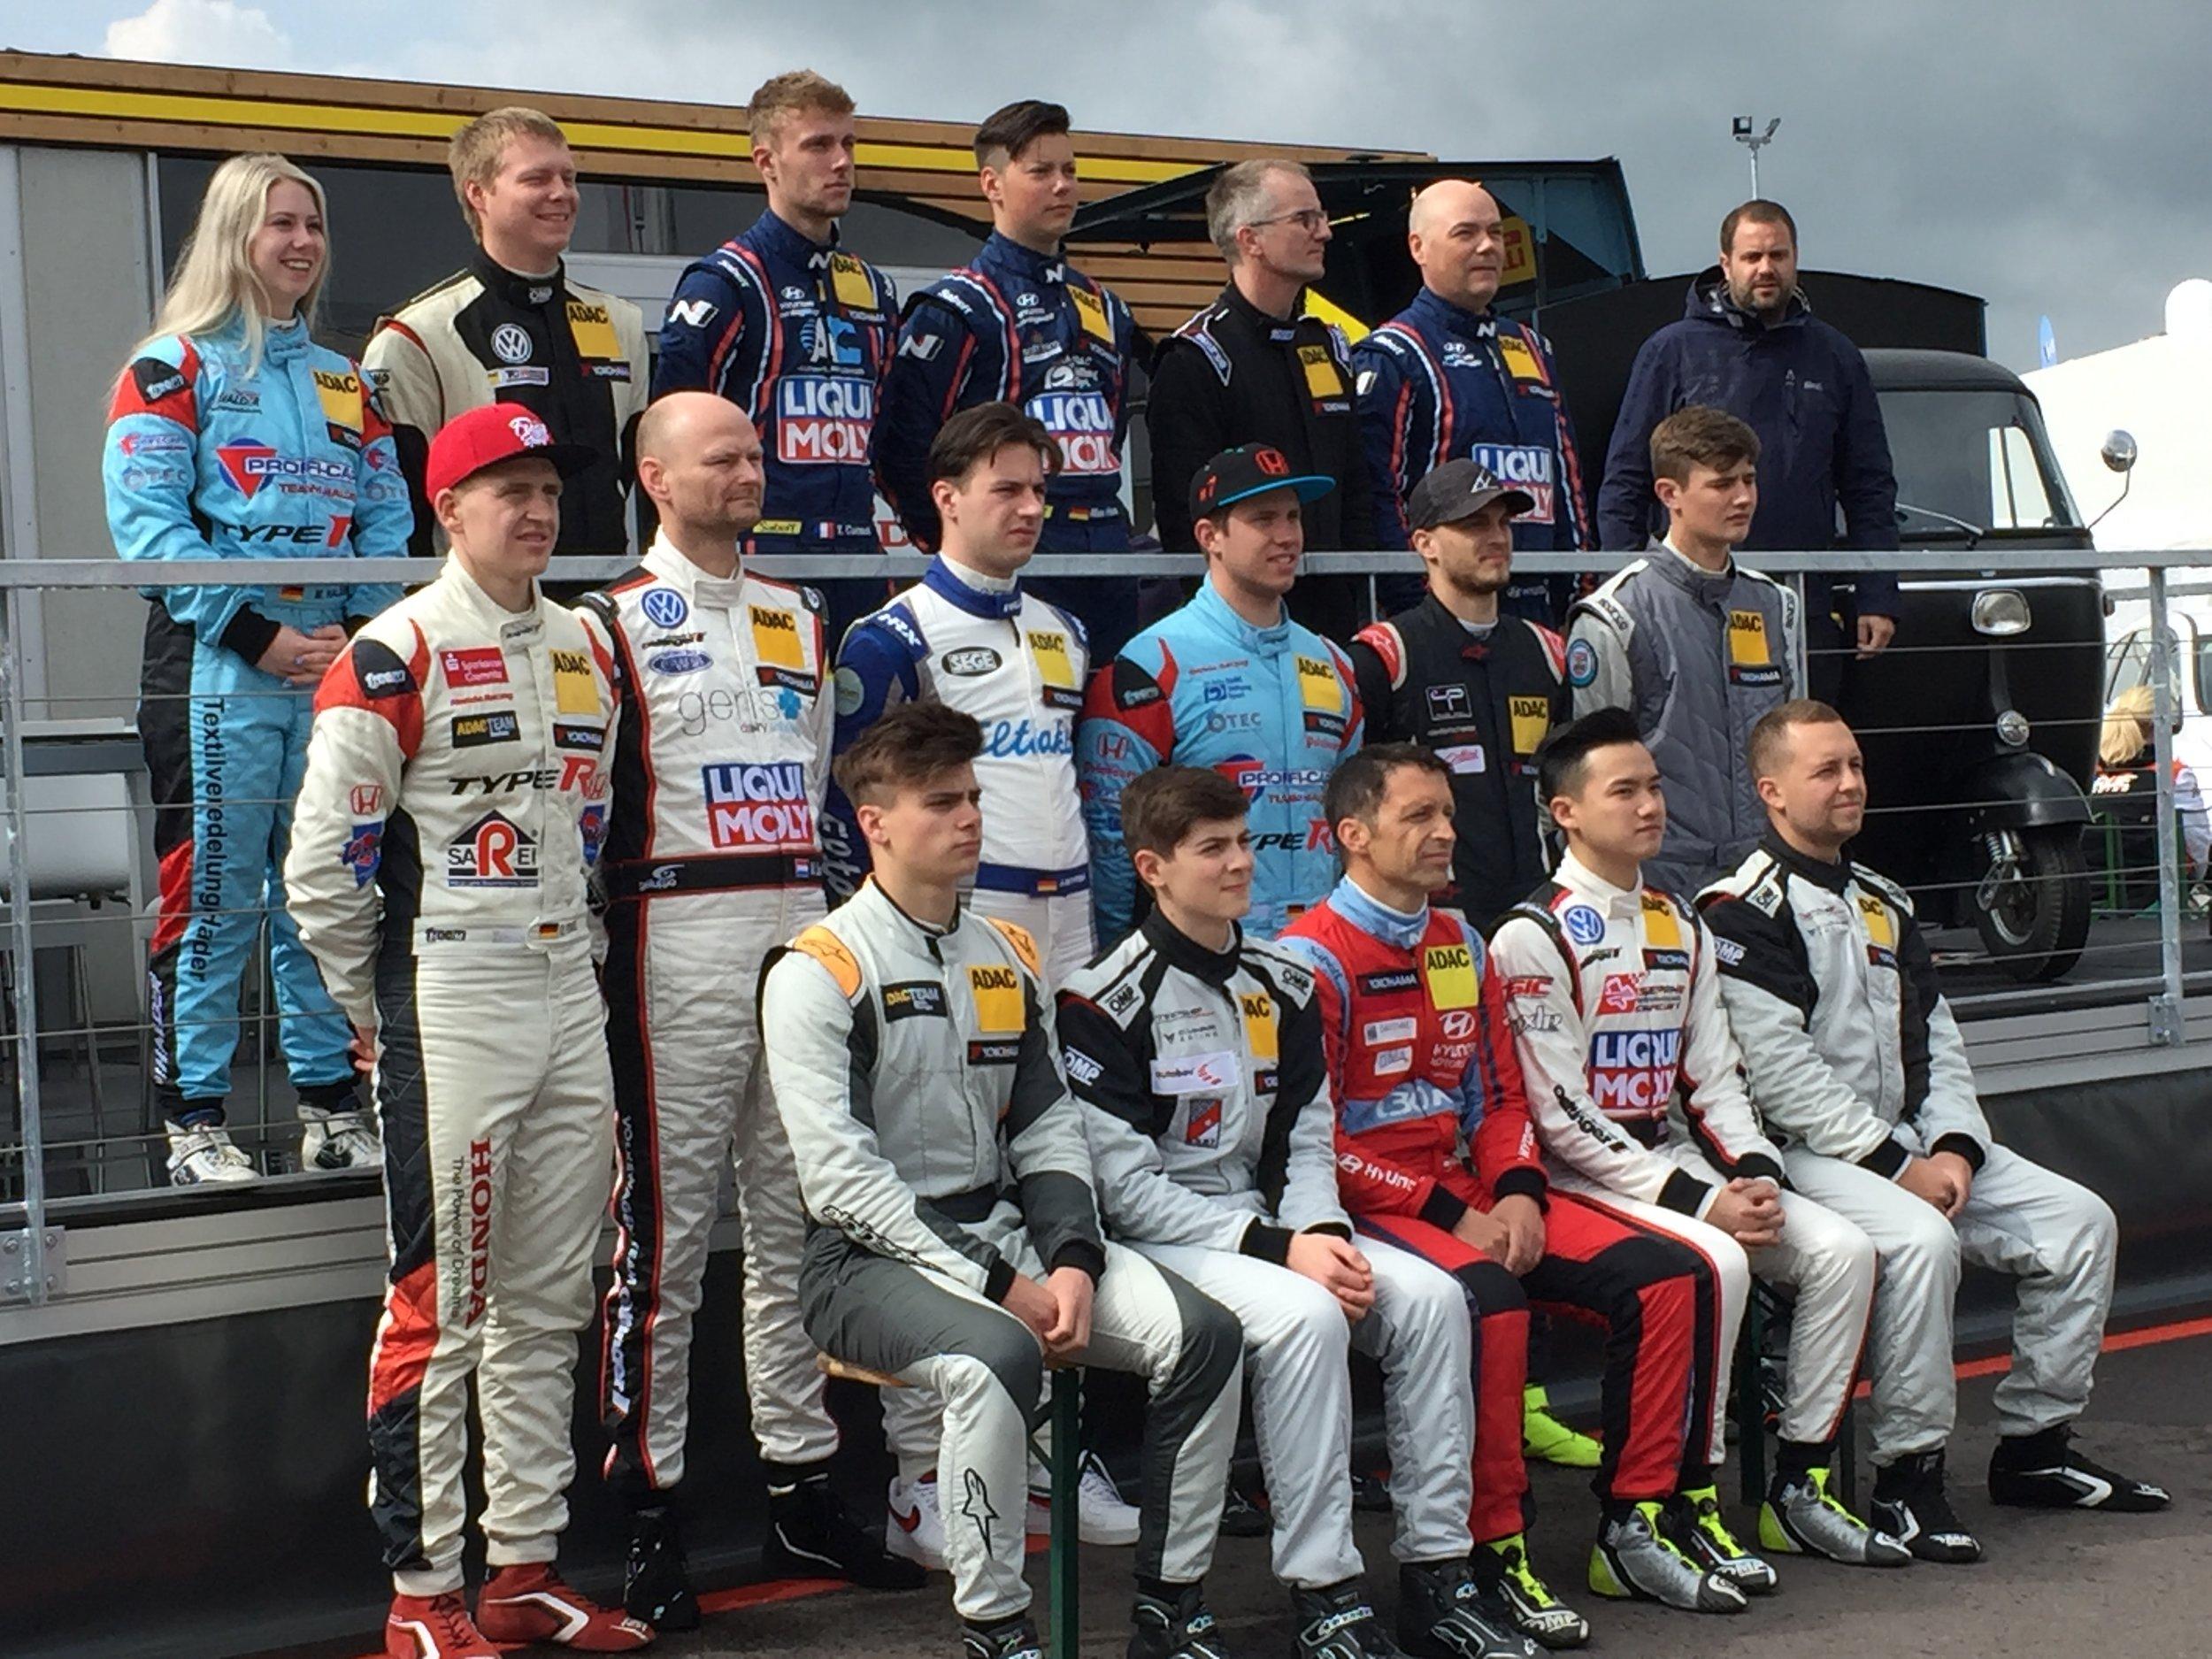 Rennfahrer und Rennfahrerinnen ADAC TCR Germany 2019